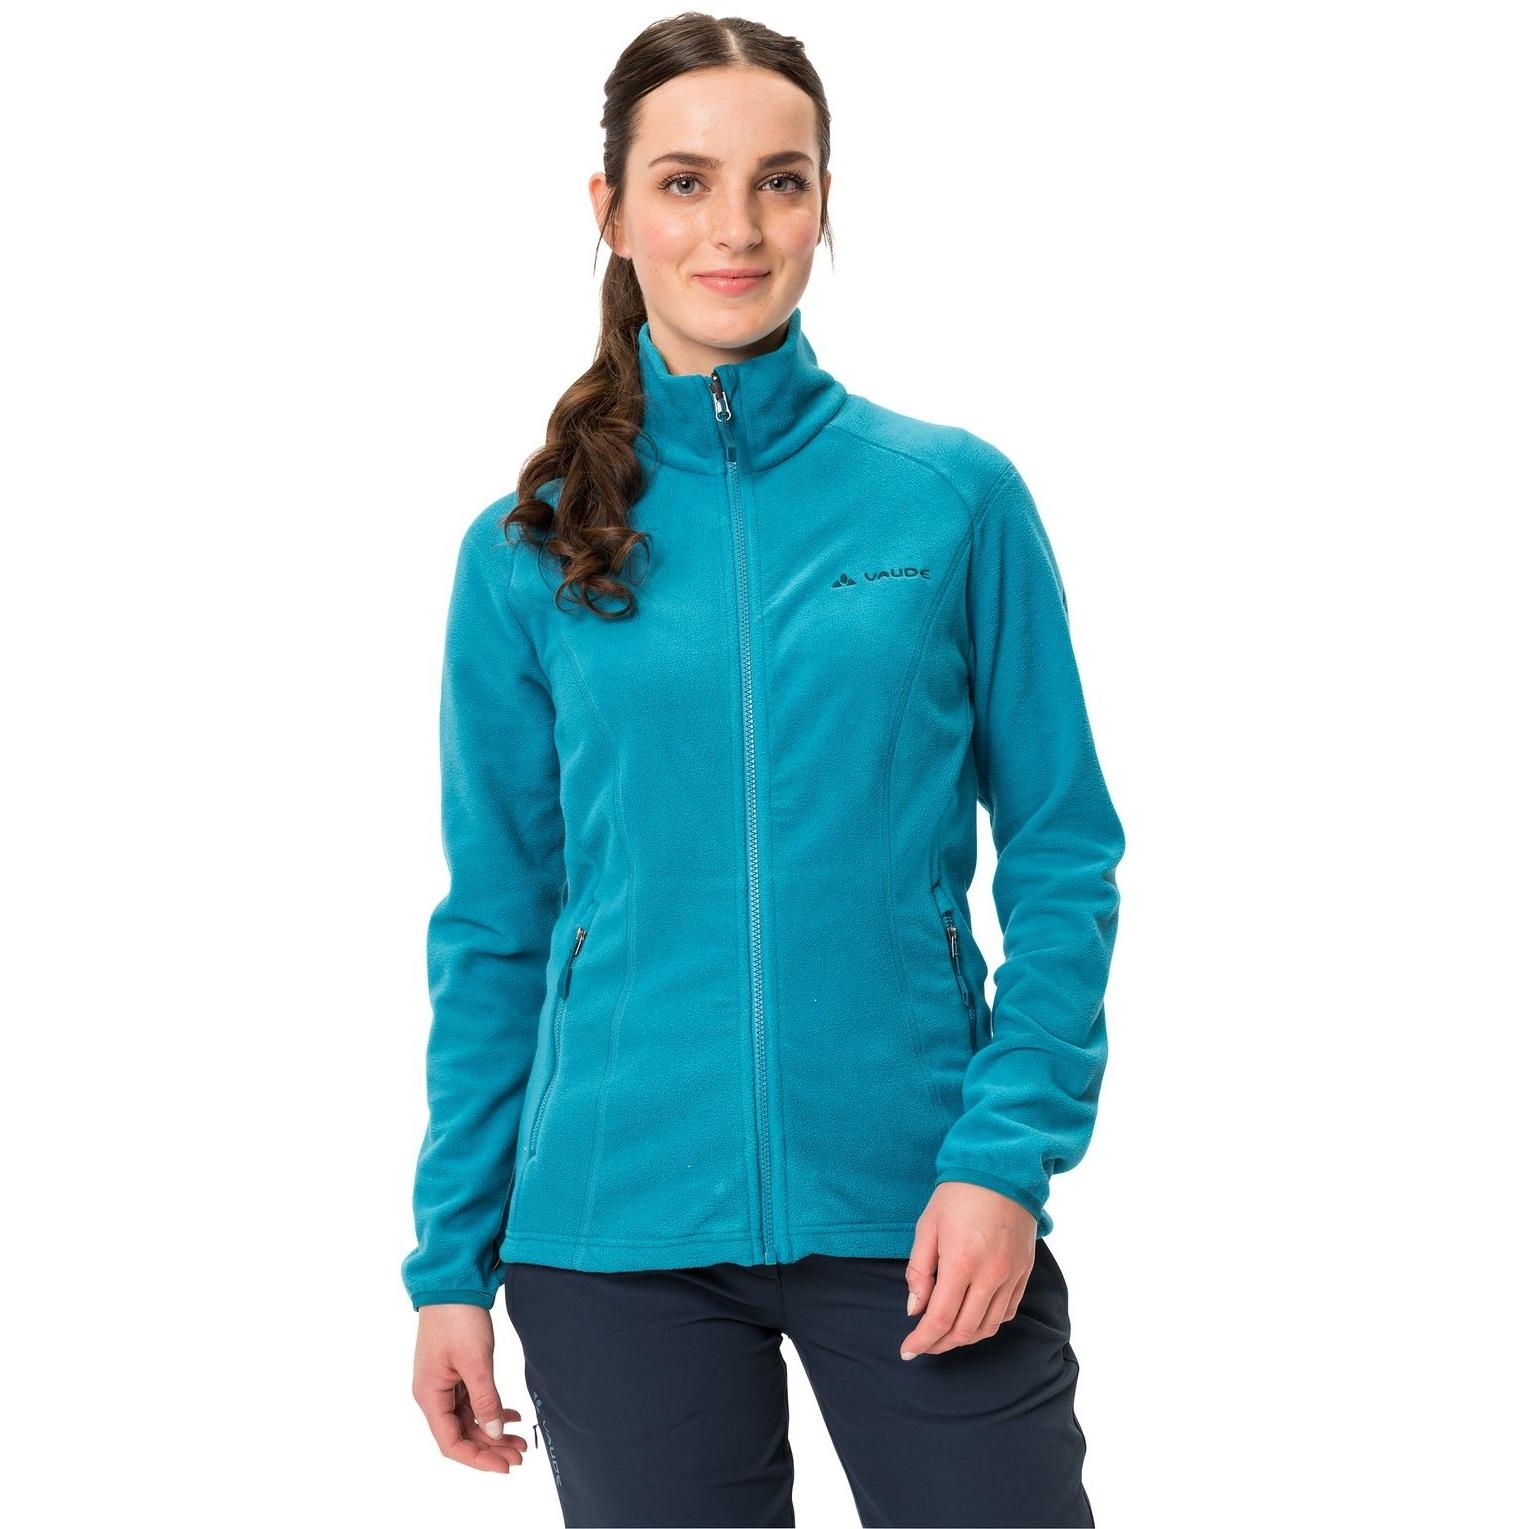 Image of Vaude Women's Rosemoor Fleece Jacket - arctic blue